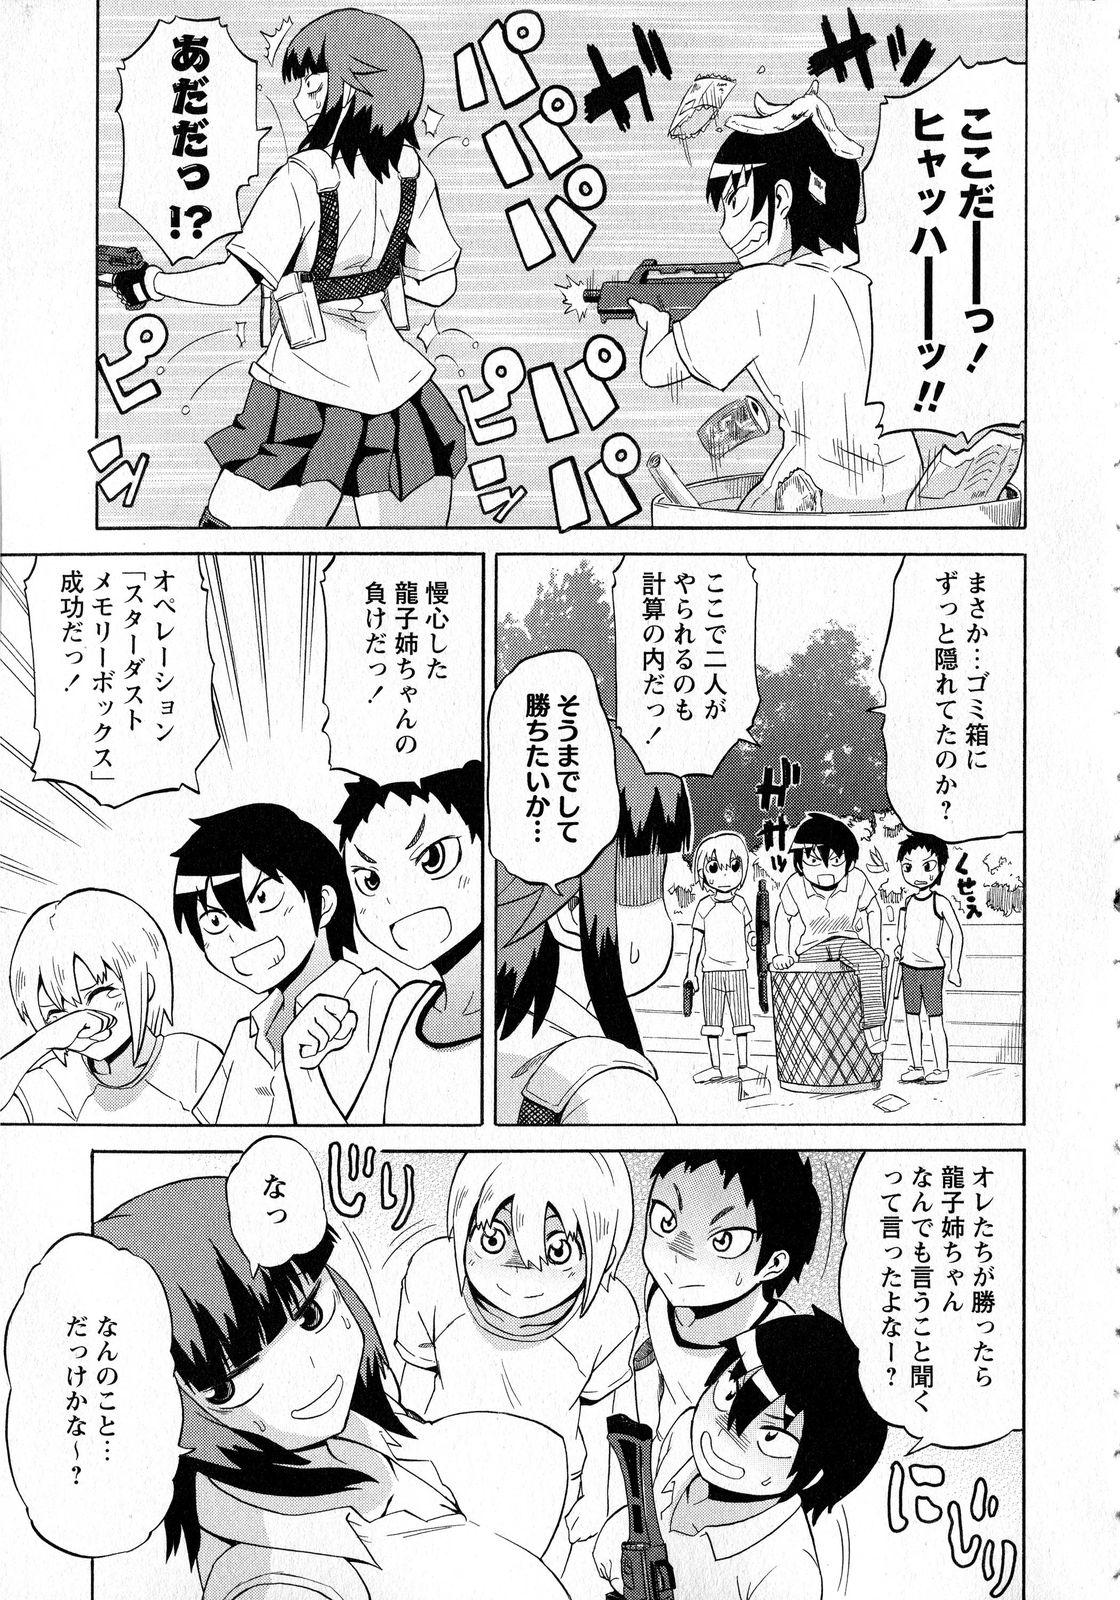 【エロ漫画】ショタたちとのサバゲーに敗北したJKが拘束されオマ○コとアナルを嬲られるwww